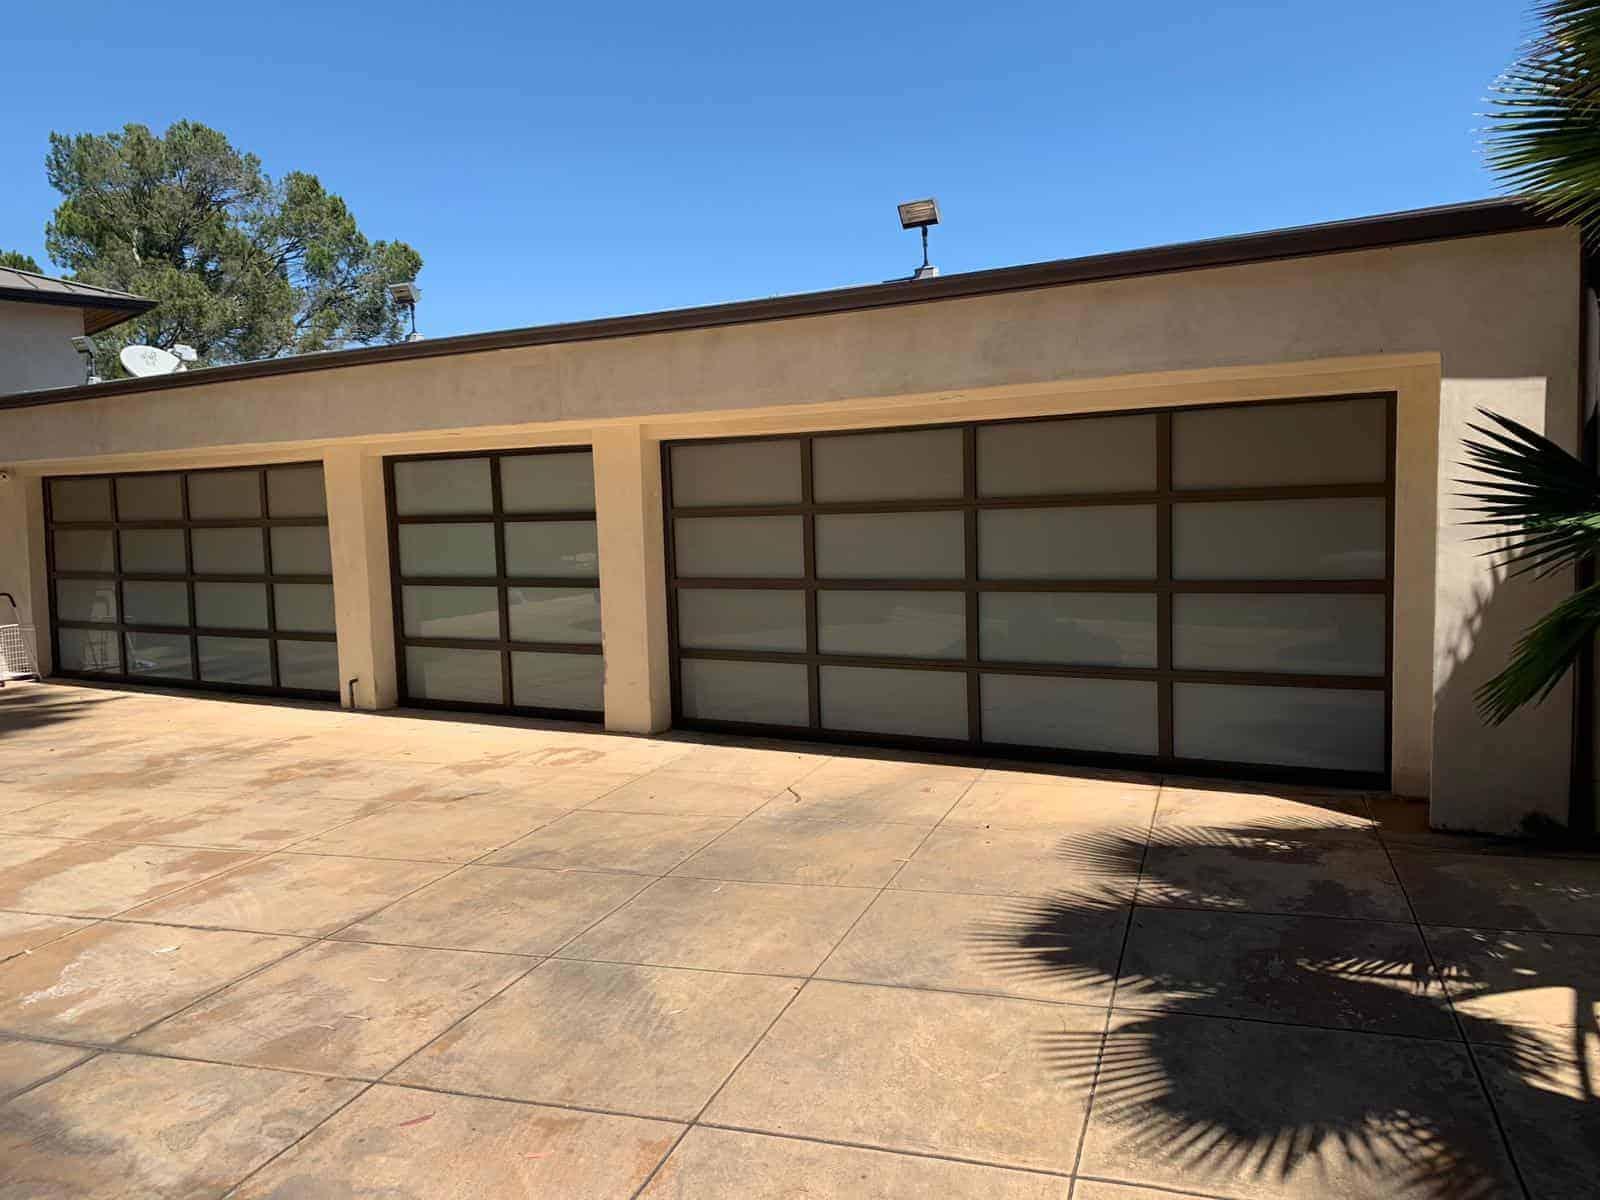 East Palo Alto CA Garage Door Repair & Replacement